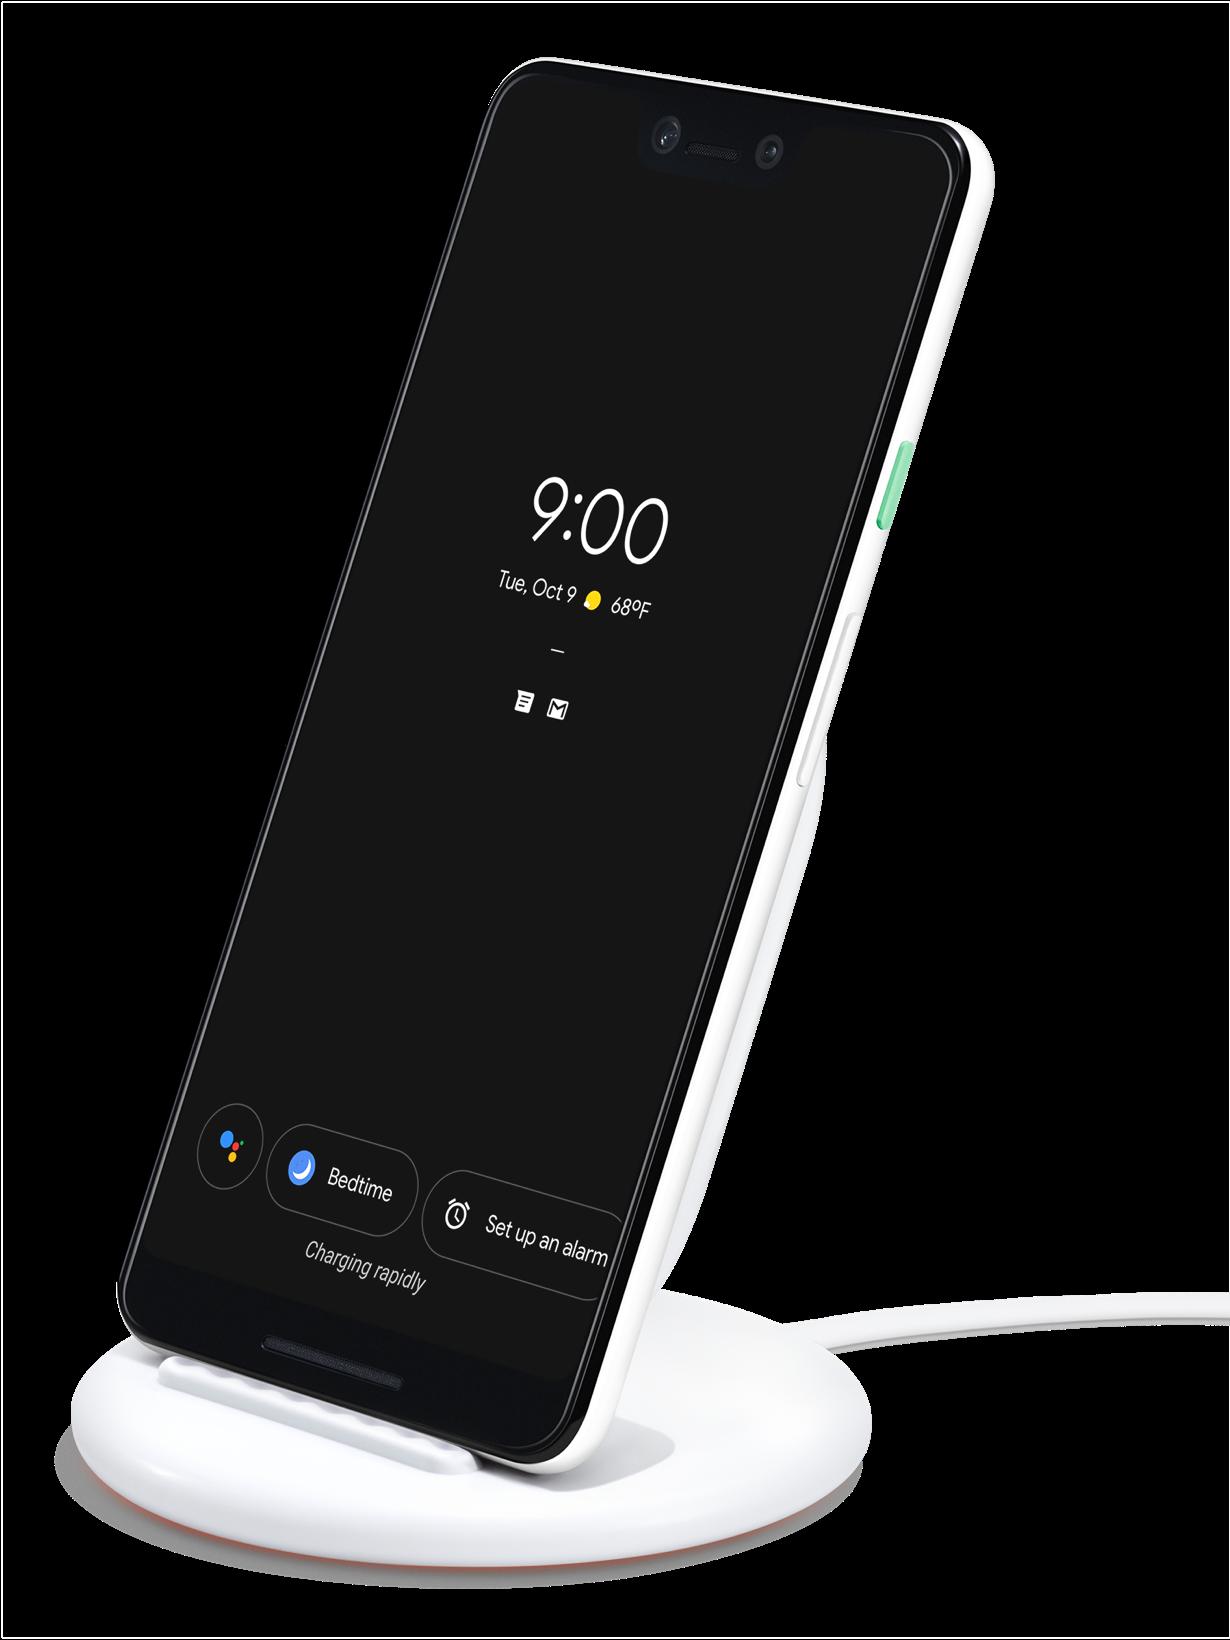 Купить Беспроводное зарядное устройство Google Pixel 3 XL Stand Wireless Charger Qi Charge (G019C) (белый)